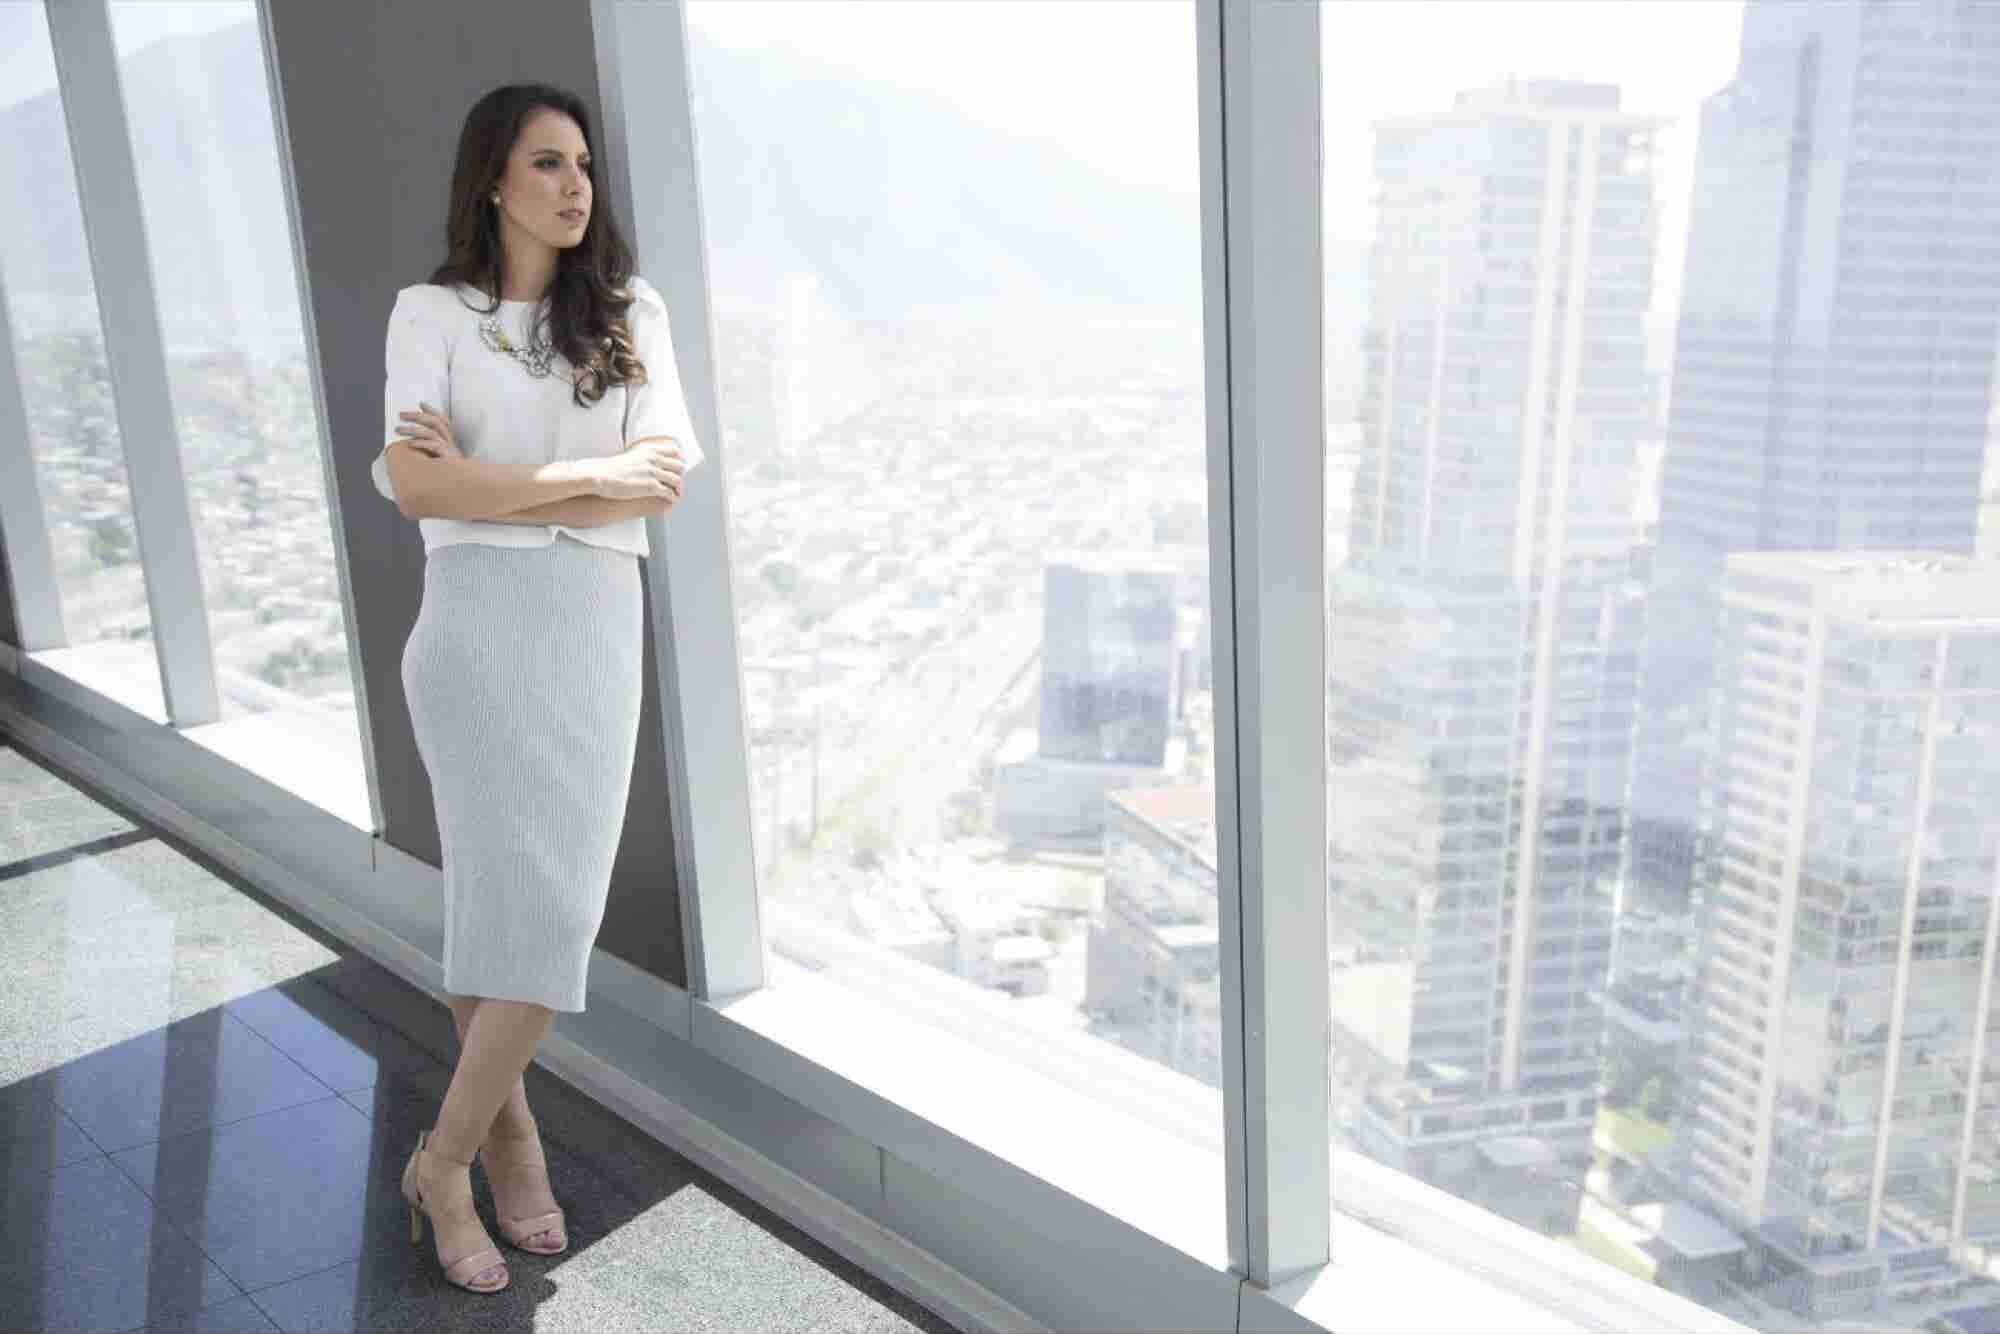 Ella convirtió su pasión por la foto en una startup que conquistó a los viajeros